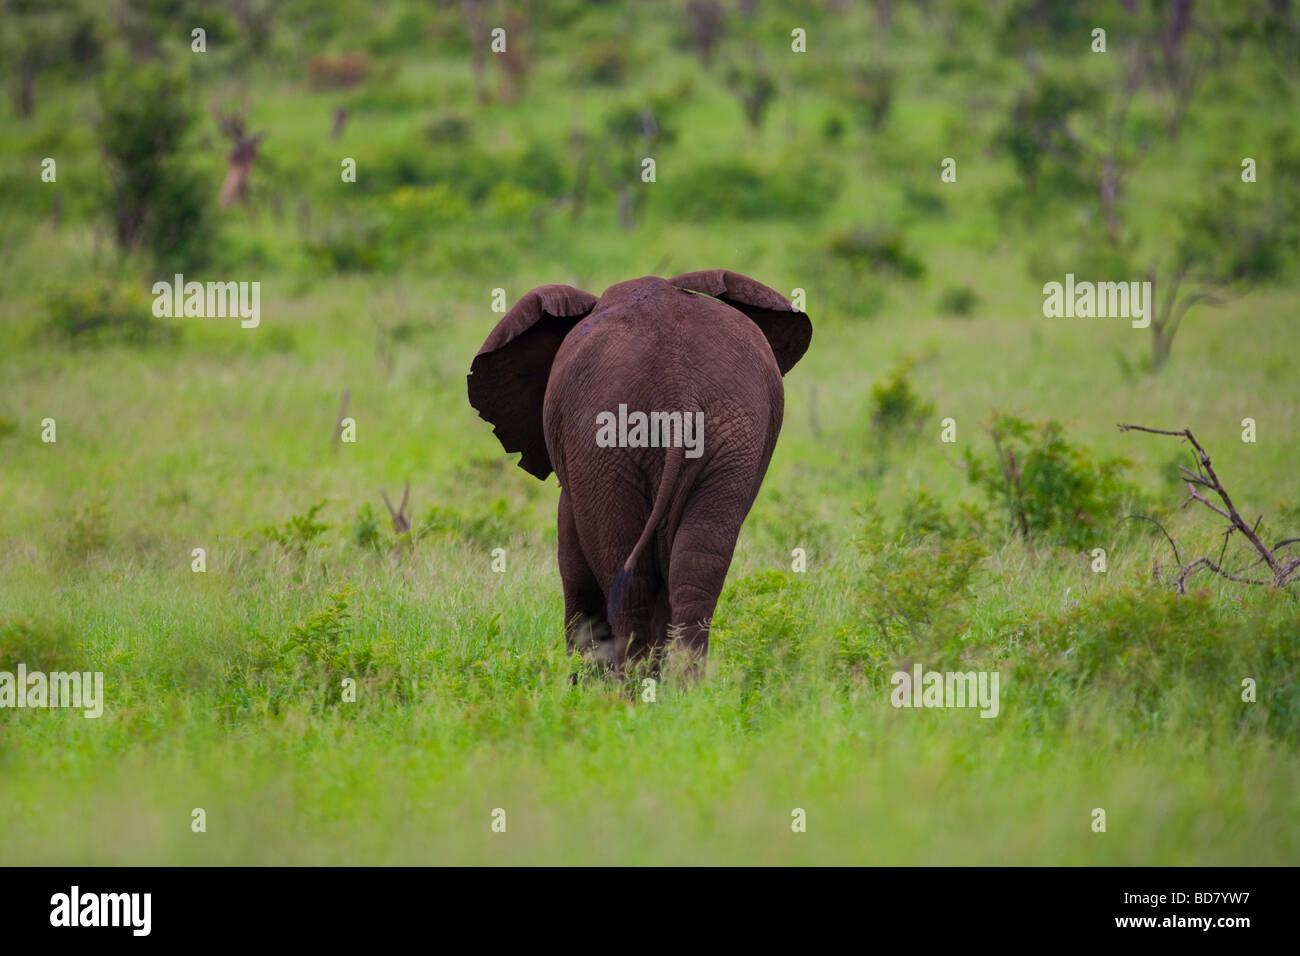 Elephant Loxodonta Africana Kruger NP South Africa - Stock Image